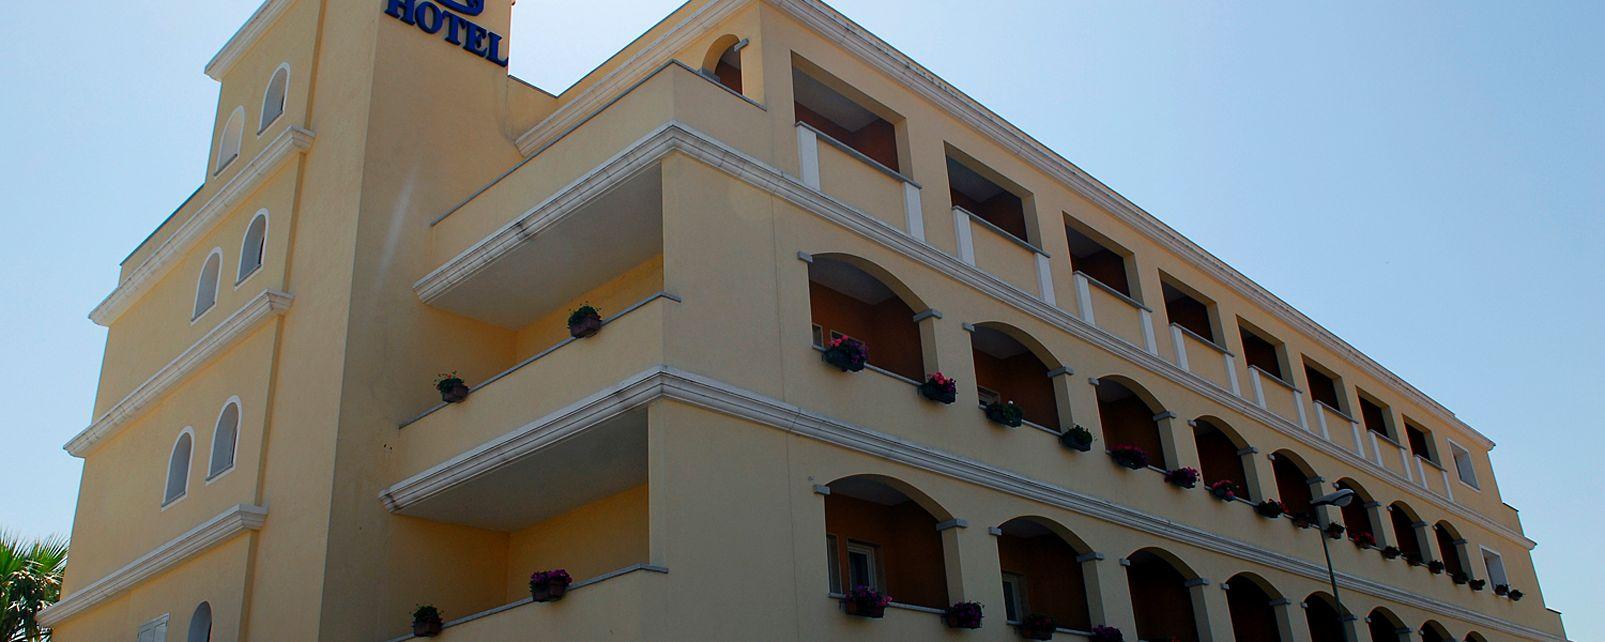 Hôtel Gabbiano Azzurro